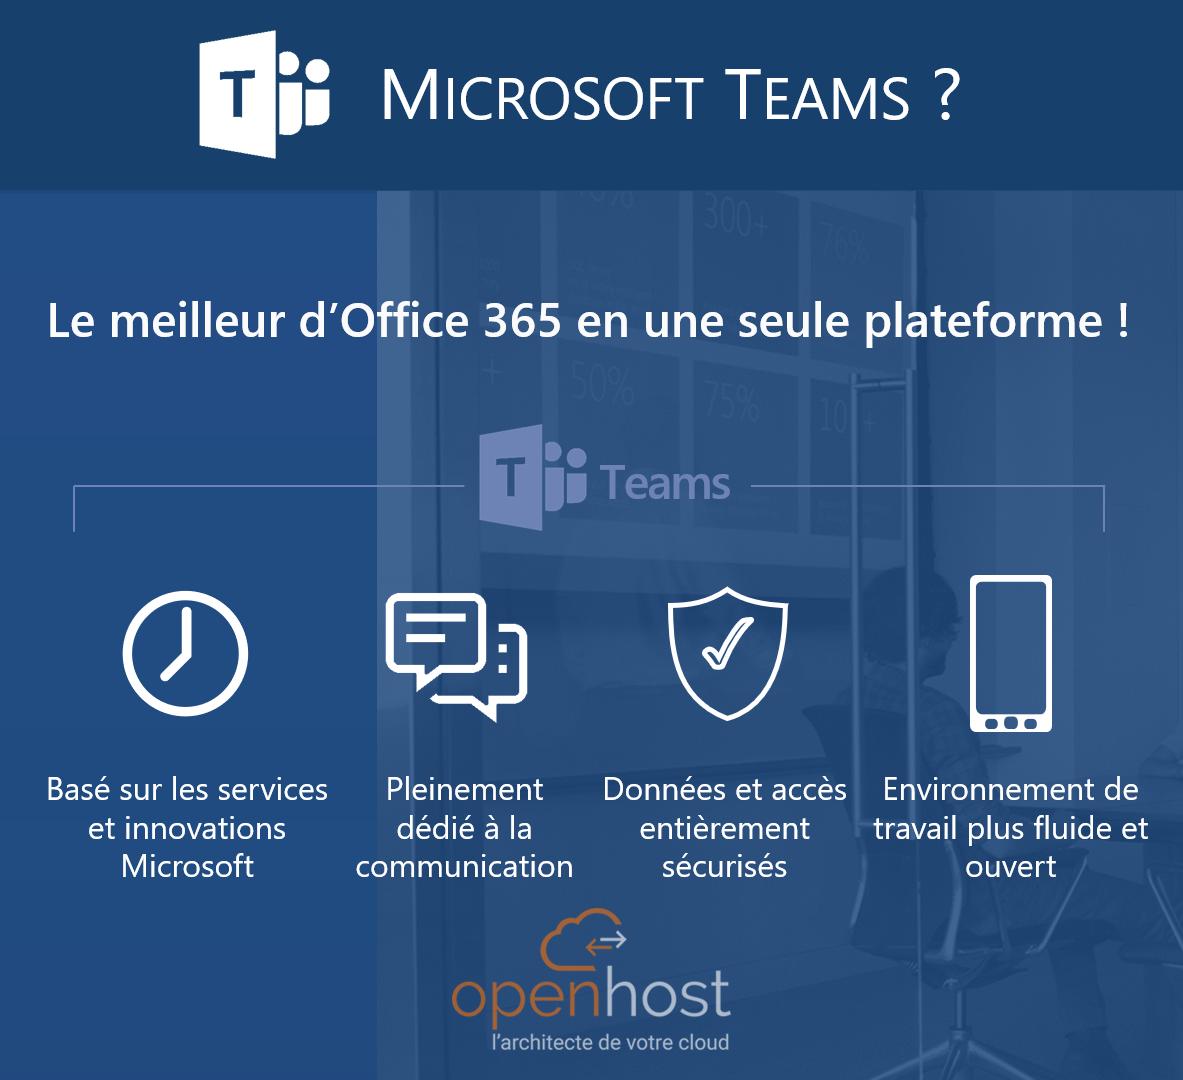 Les avantages de Teams sur Office 365 Entreprise